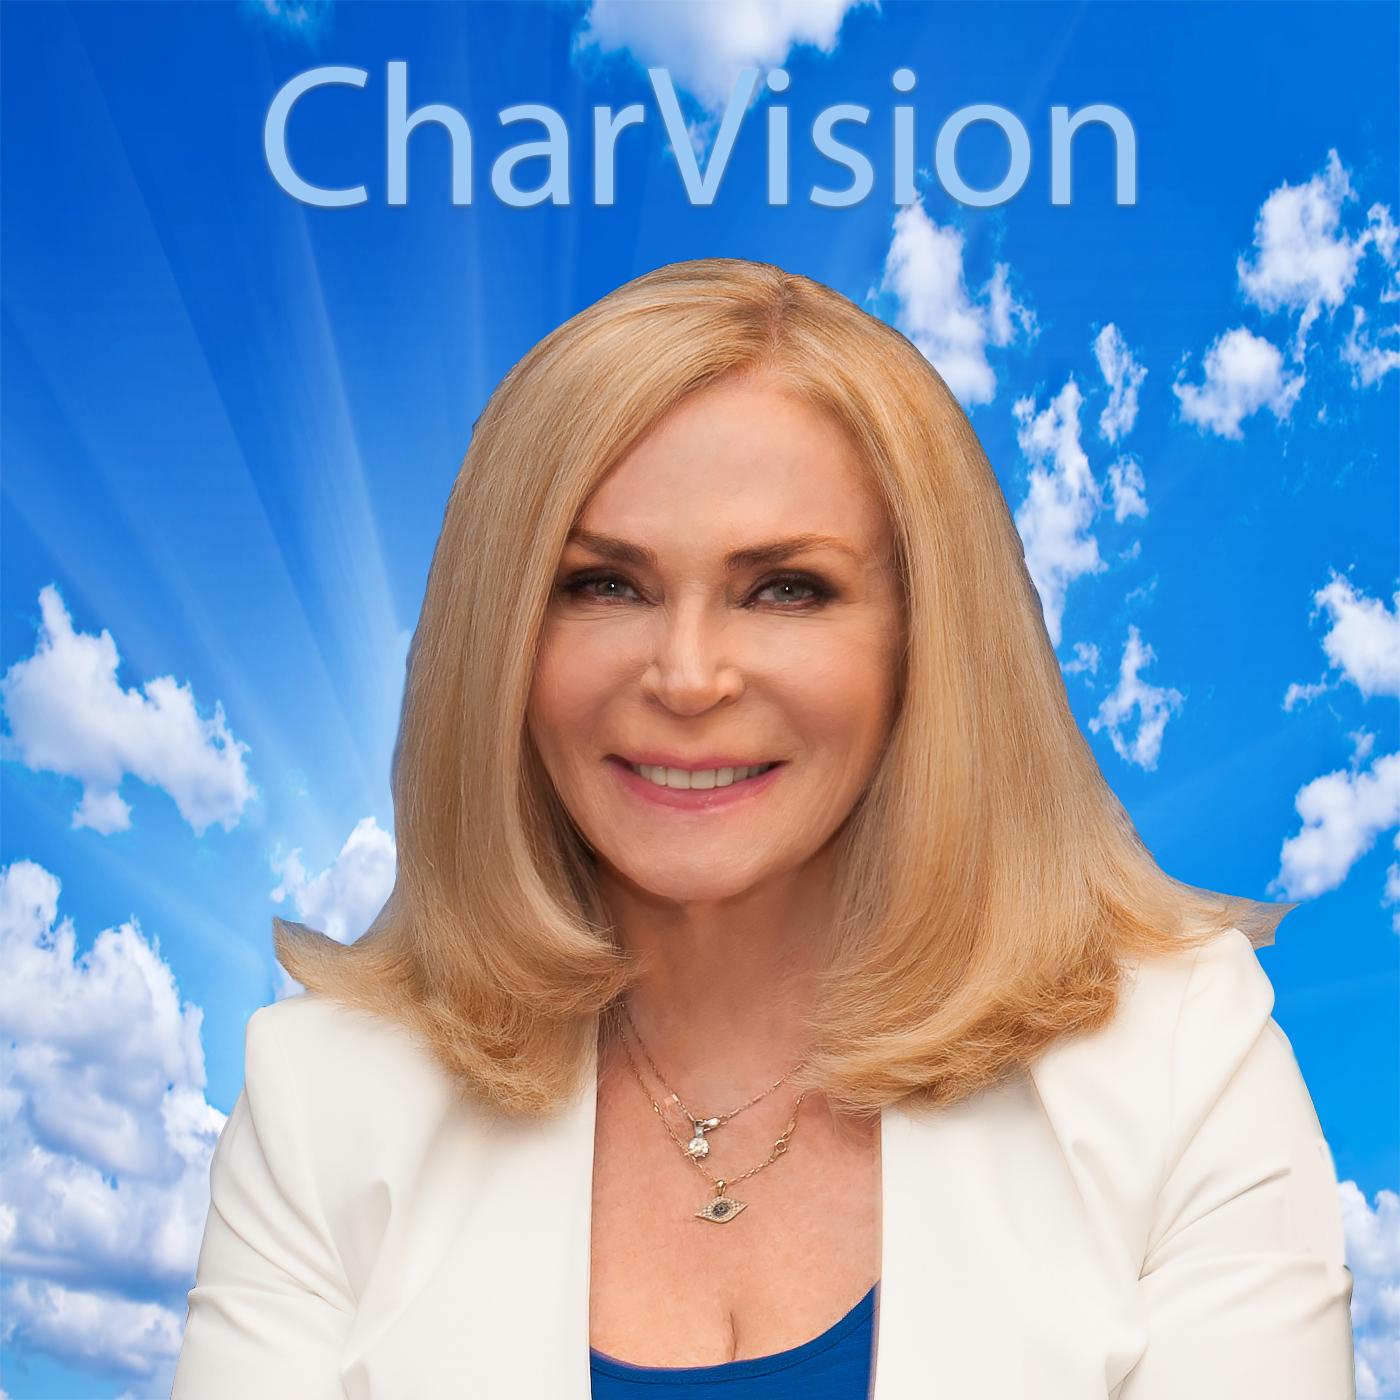 Char Vision